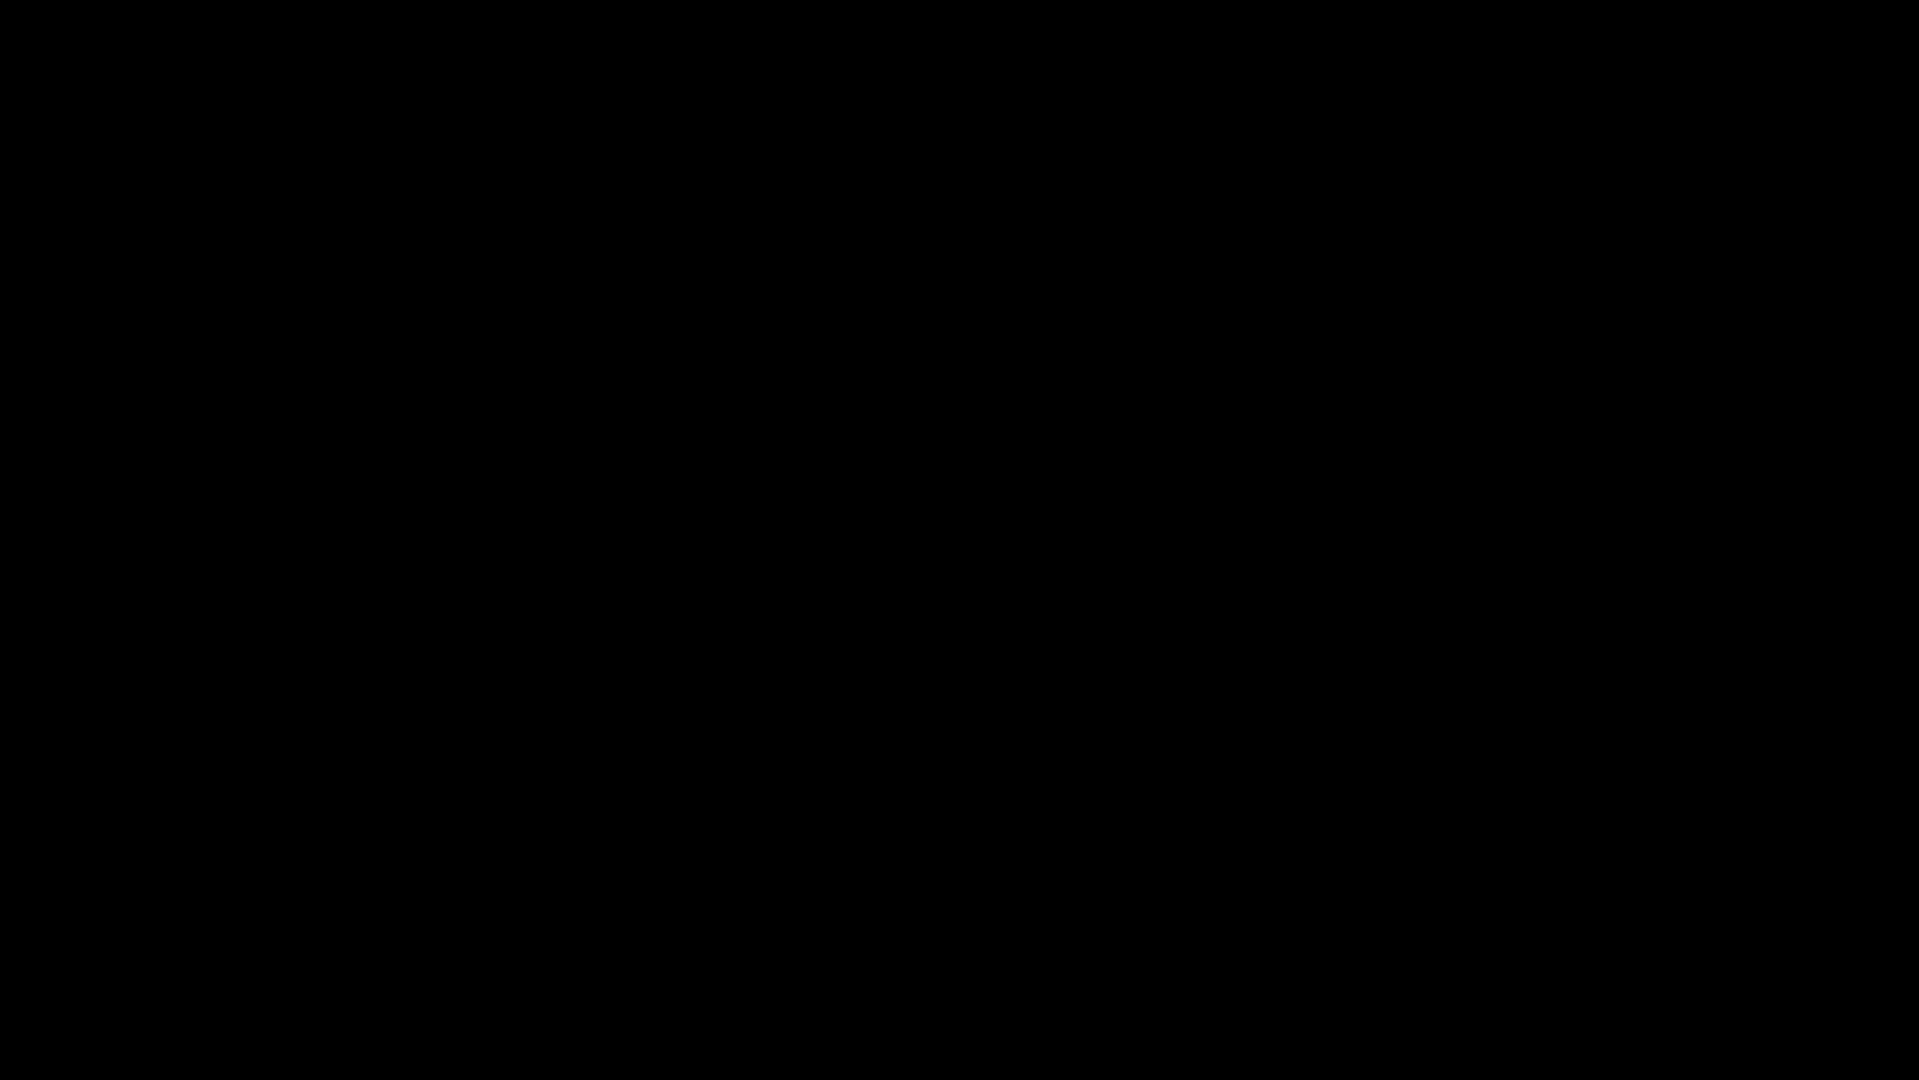 screenshot-2018-11-22-at-15.07.03